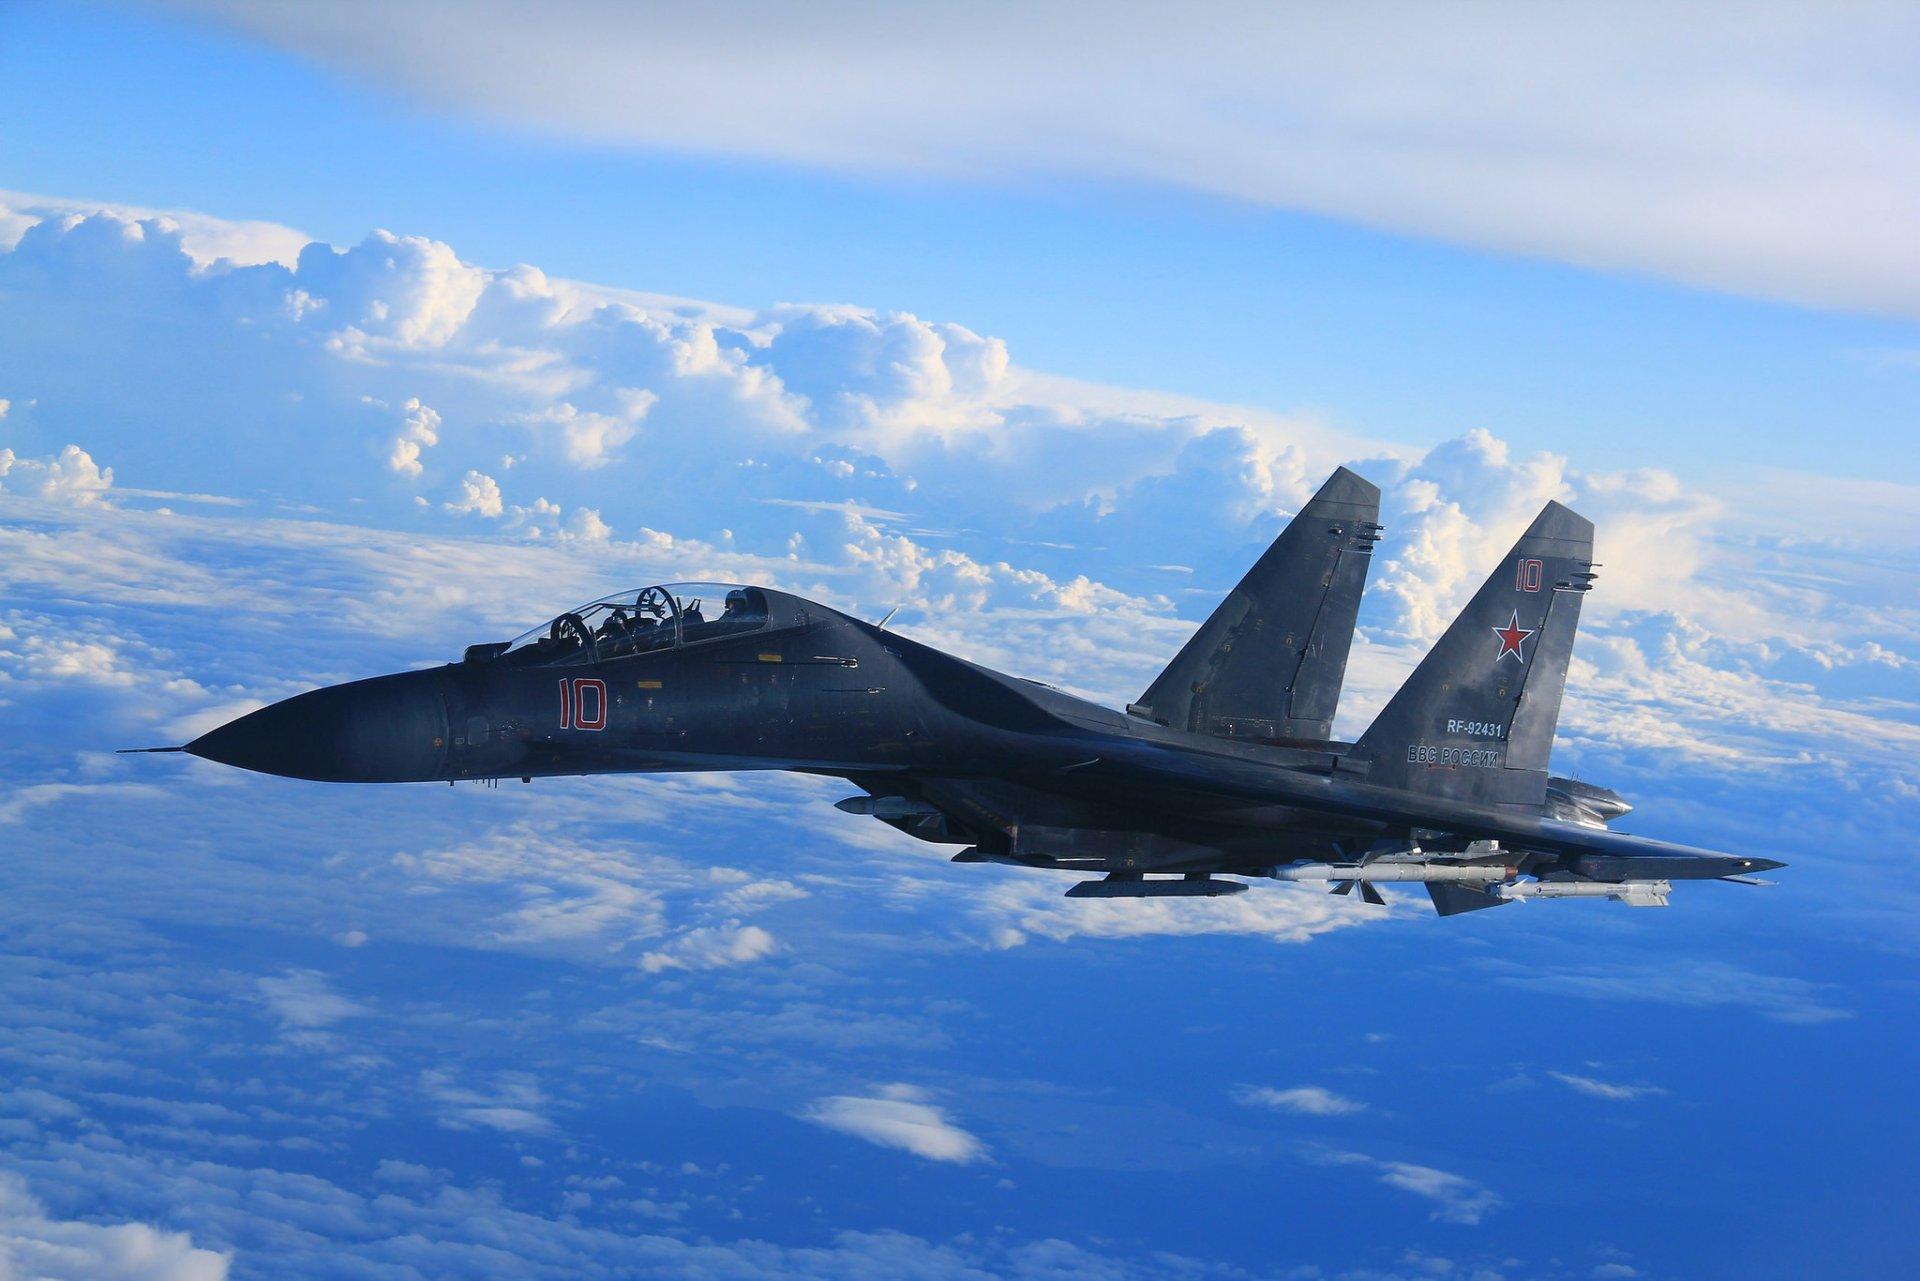 Обои сверхманевренный, Самолёт, многоцелевой, Su-35. Авиация foto 14